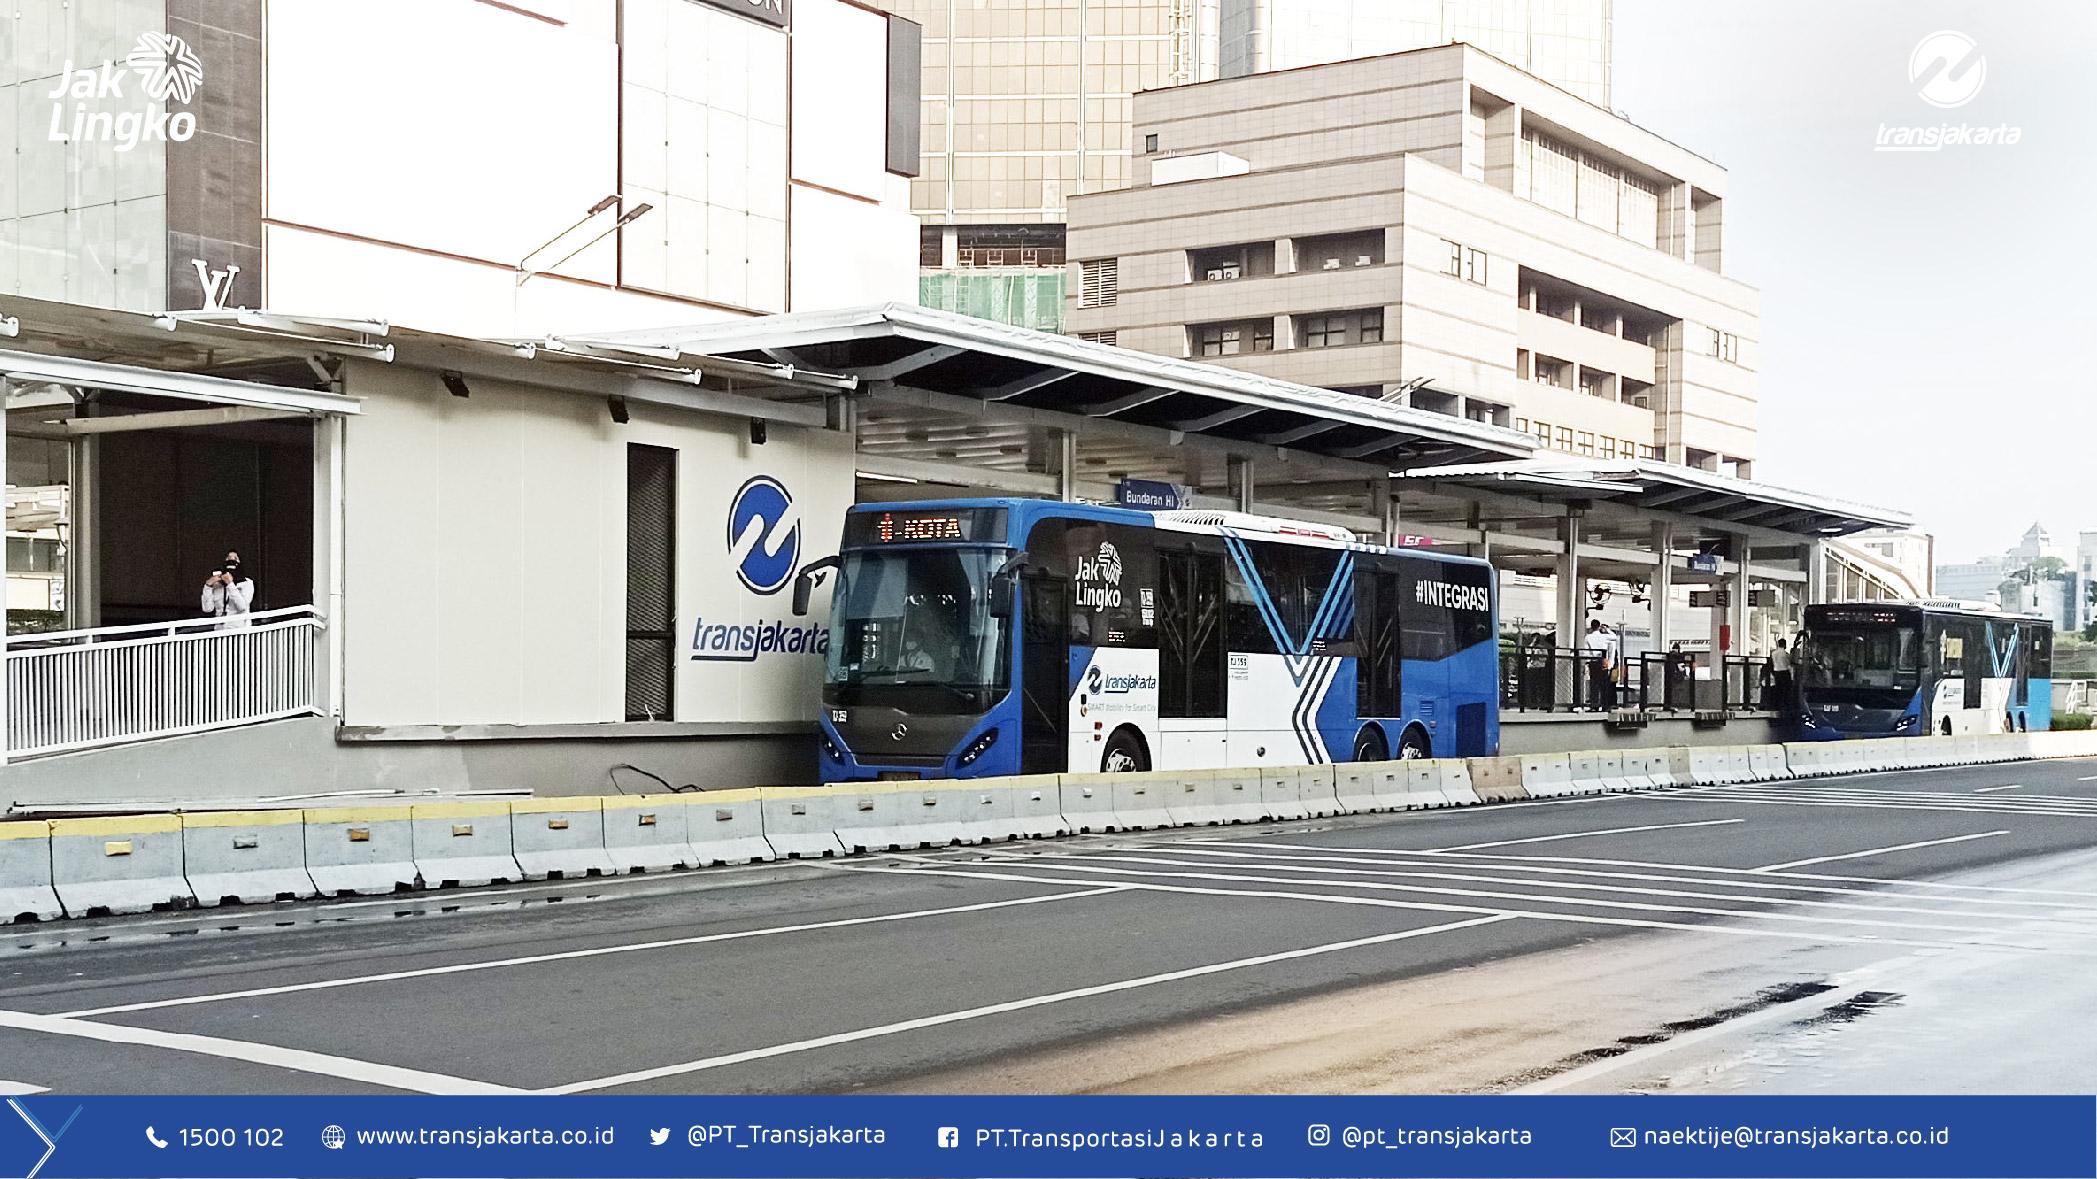 11 Stasiun TransJakarta yang Tak Bisa Dipakai dan Solusi